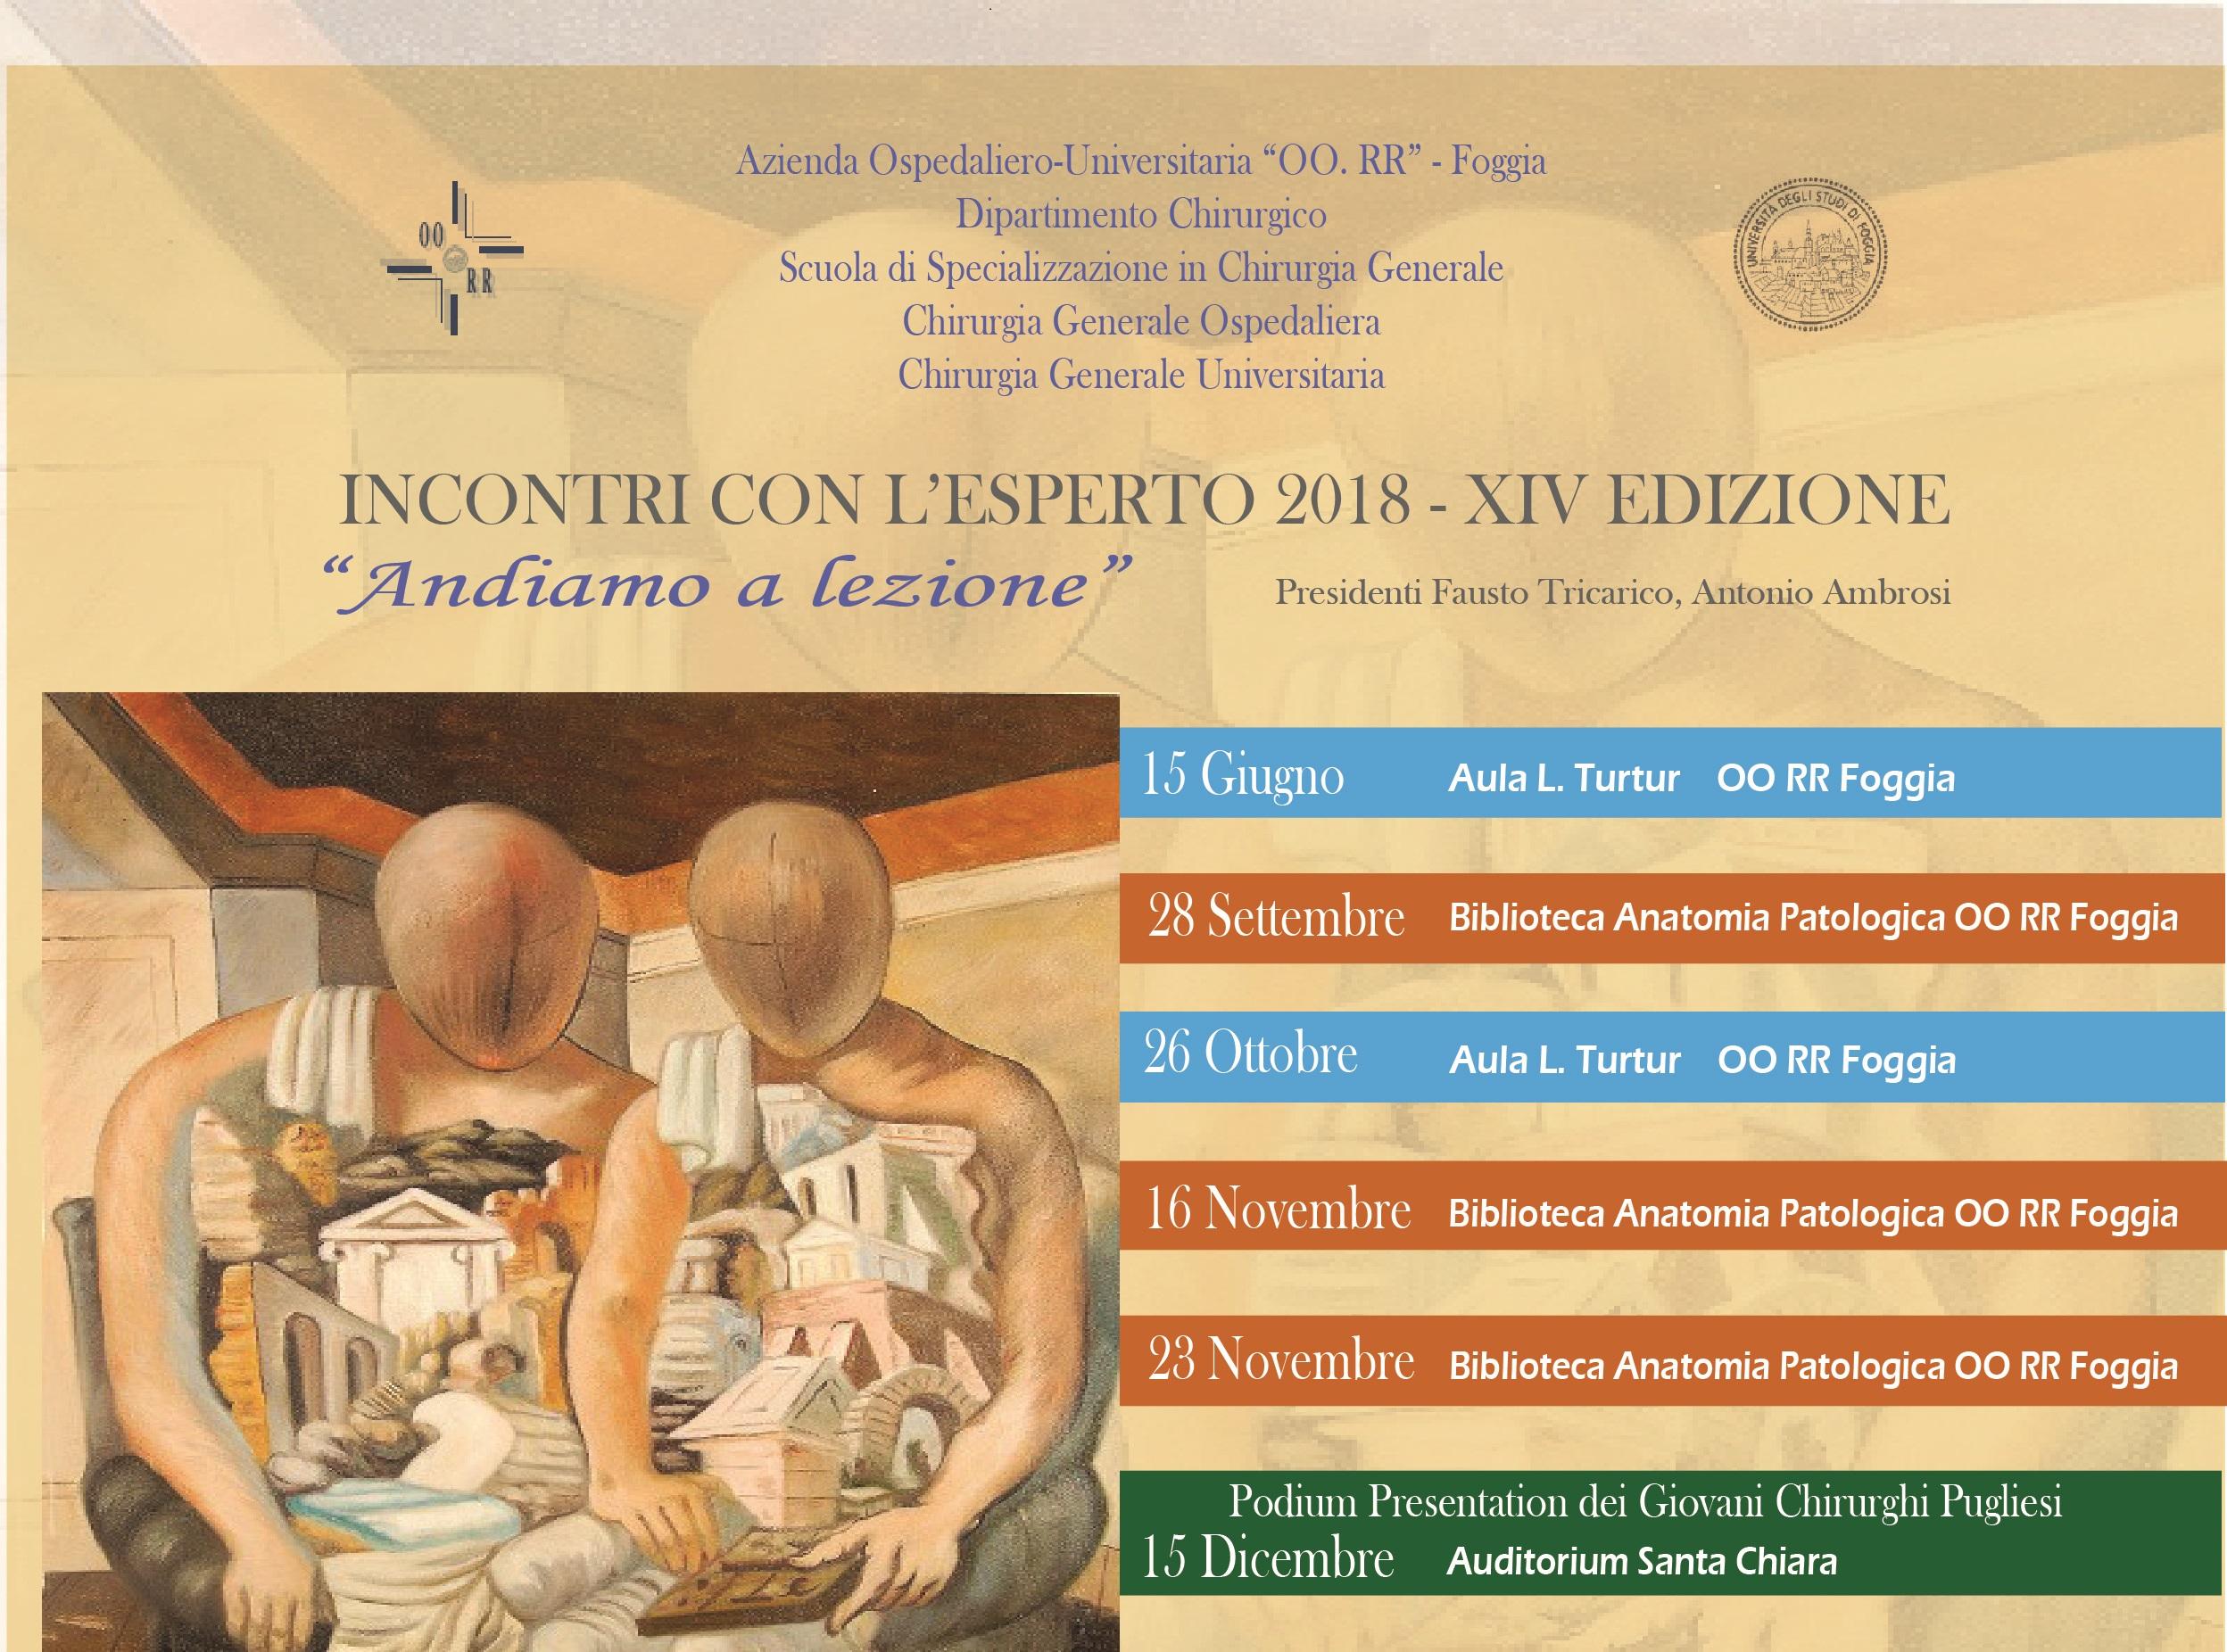 INCONTRI CON L'ESPERTO 2018 - XIV EDIZIONE